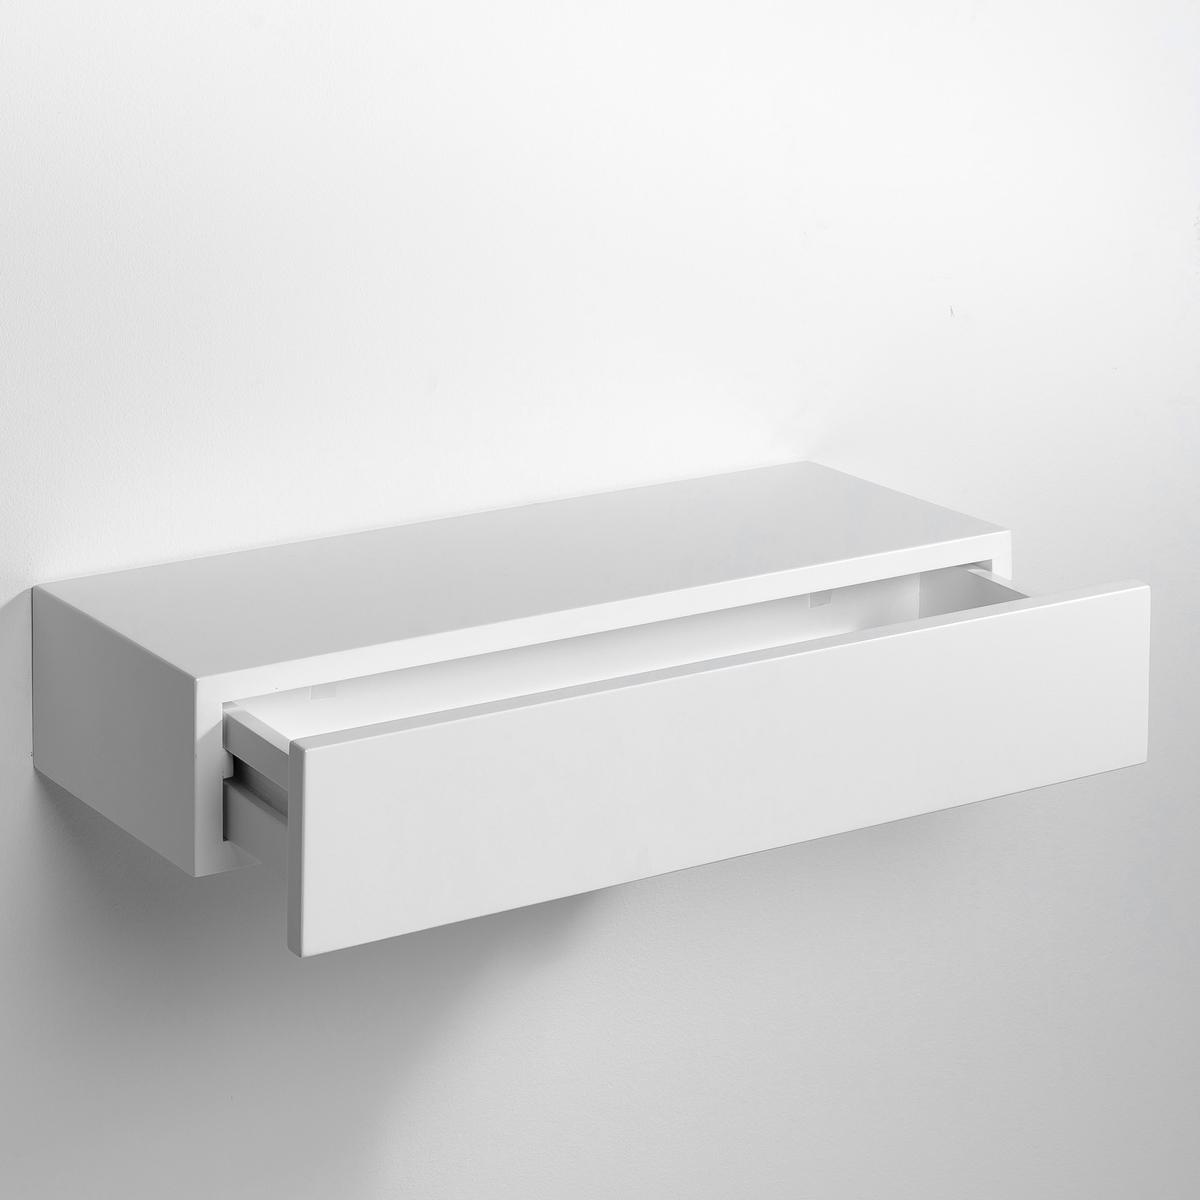 Полка-шкафчик VesperЭта полка-шкафчик незаметно крепится на стену. Можно использовать отдельно или соединять несколько шкафчиков вместе друг над другом.МДФ с лаковым покрытием - нитроцеллюлоза и полиуретан (модель под покраску из массива сосны).Размеры  : Шир..60 x.25 x.12 см.<br><br>Цвет: бежевый экрю,белый,черный